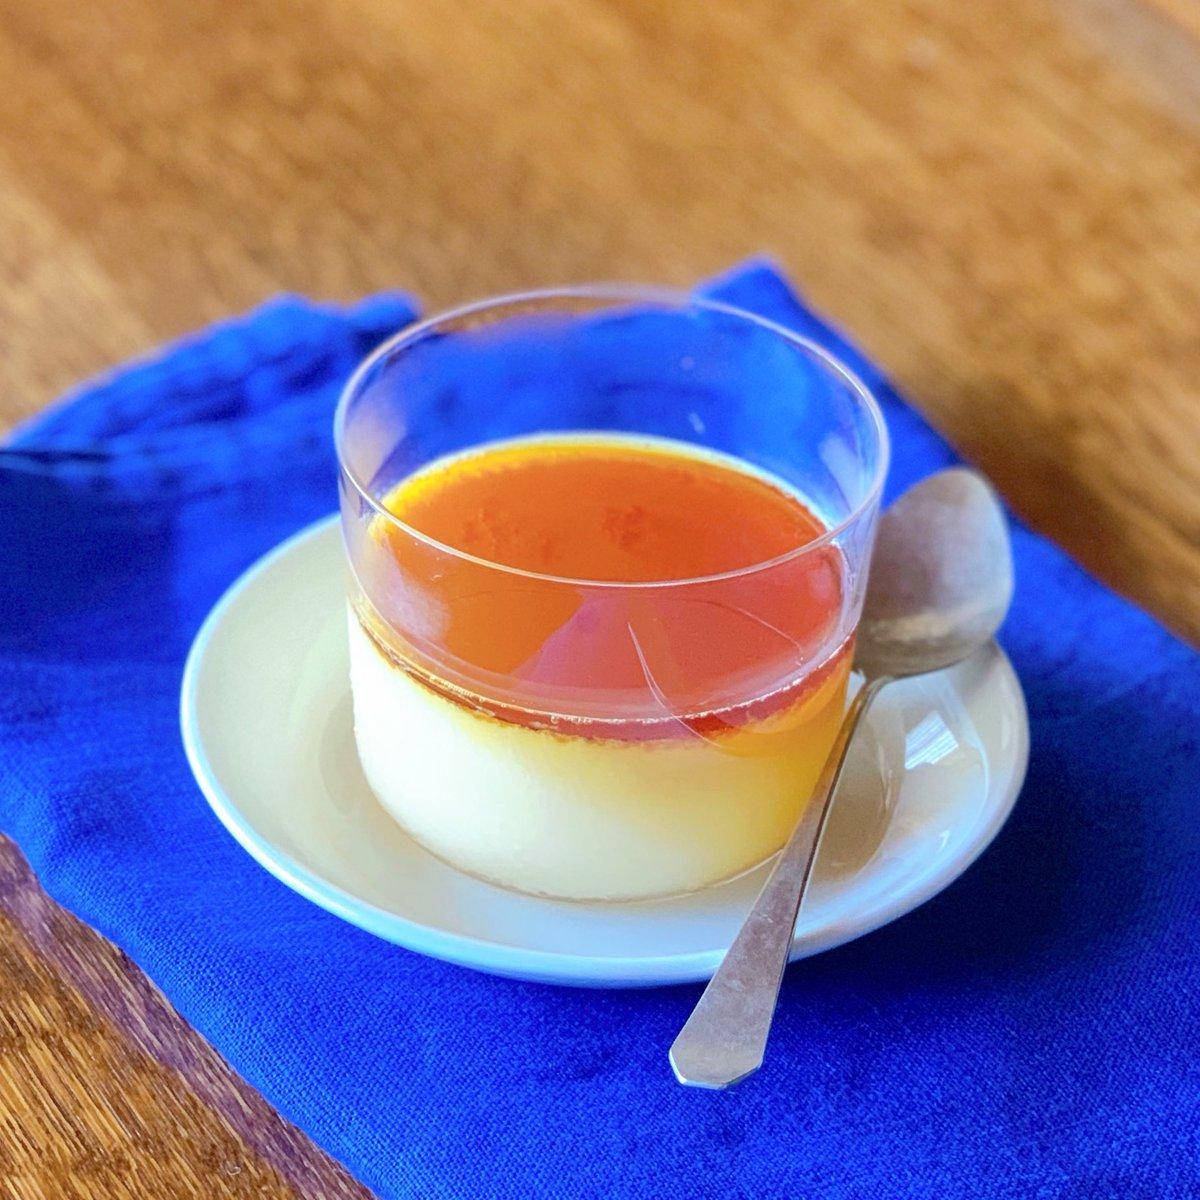 夏プリン材料(3個分)A 卵黄2個+砂糖大2+生クリーム50mlB 牛乳250ml+粉寒天小1/2+(あればバニラ少々)1.Aを泡立て器ですり混ぜる。2.Bを弱火にかけ、底を混ぜながら一煮立ちさせ、少量ずつ1に混ぜる。器に濾して冷やし固める→